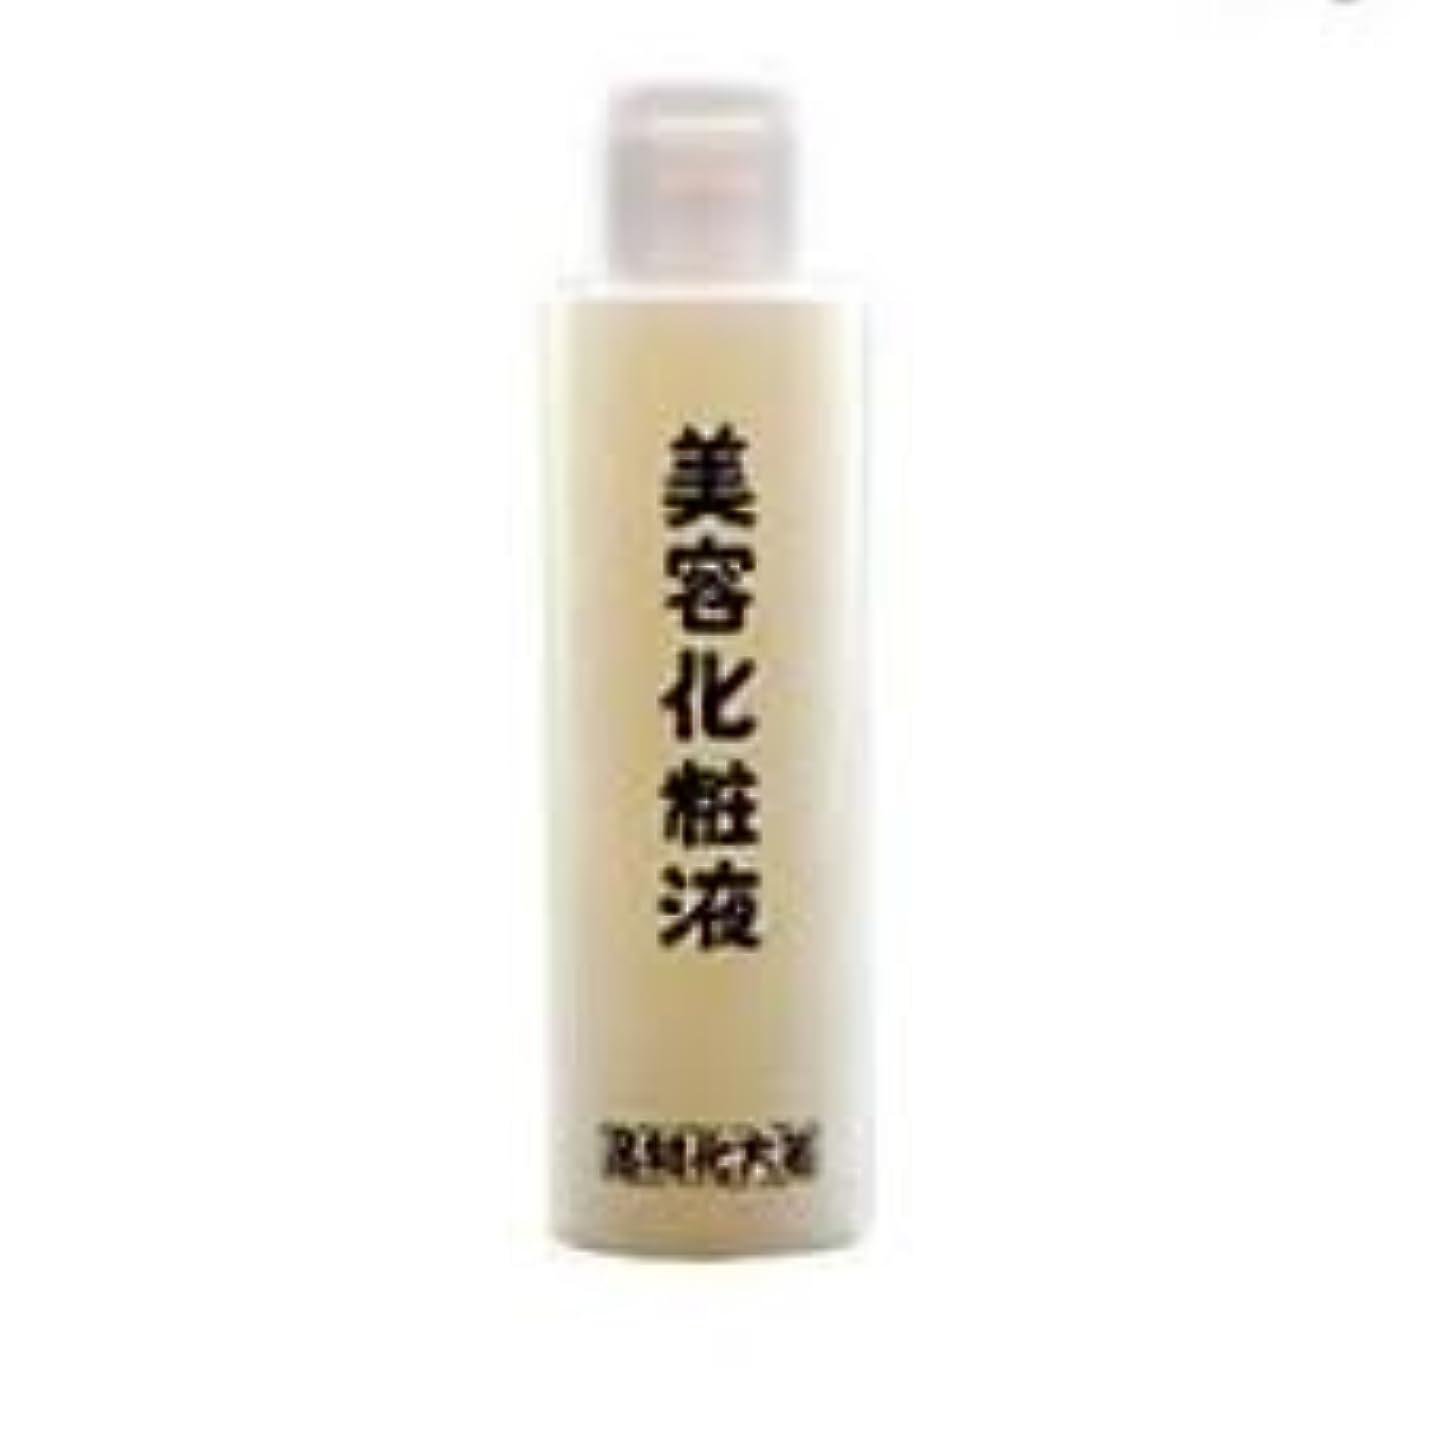 セットアップ保全ダイジェスト箸方化粧品 美容化粧液 化粧水 120ml はしかた化粧品